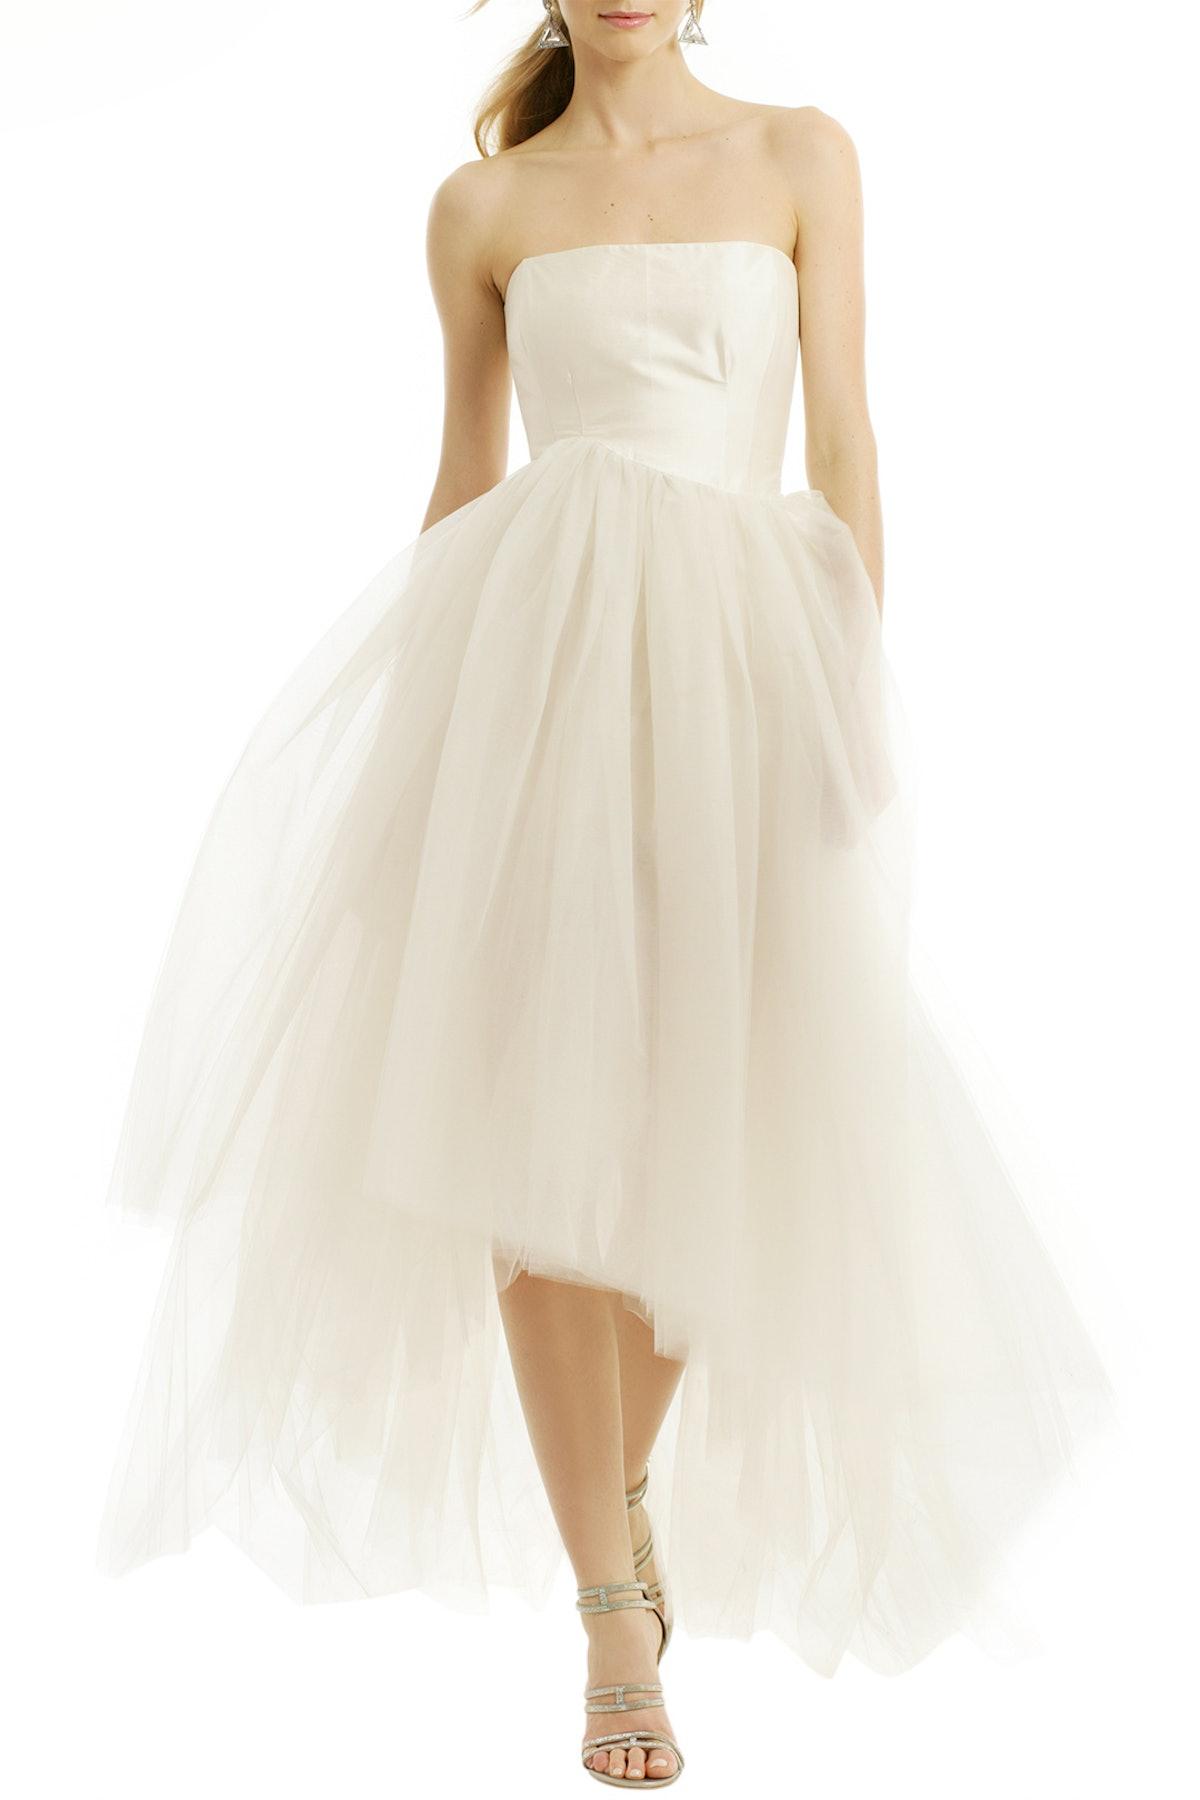 Allison Parris Sugar Coat Dress